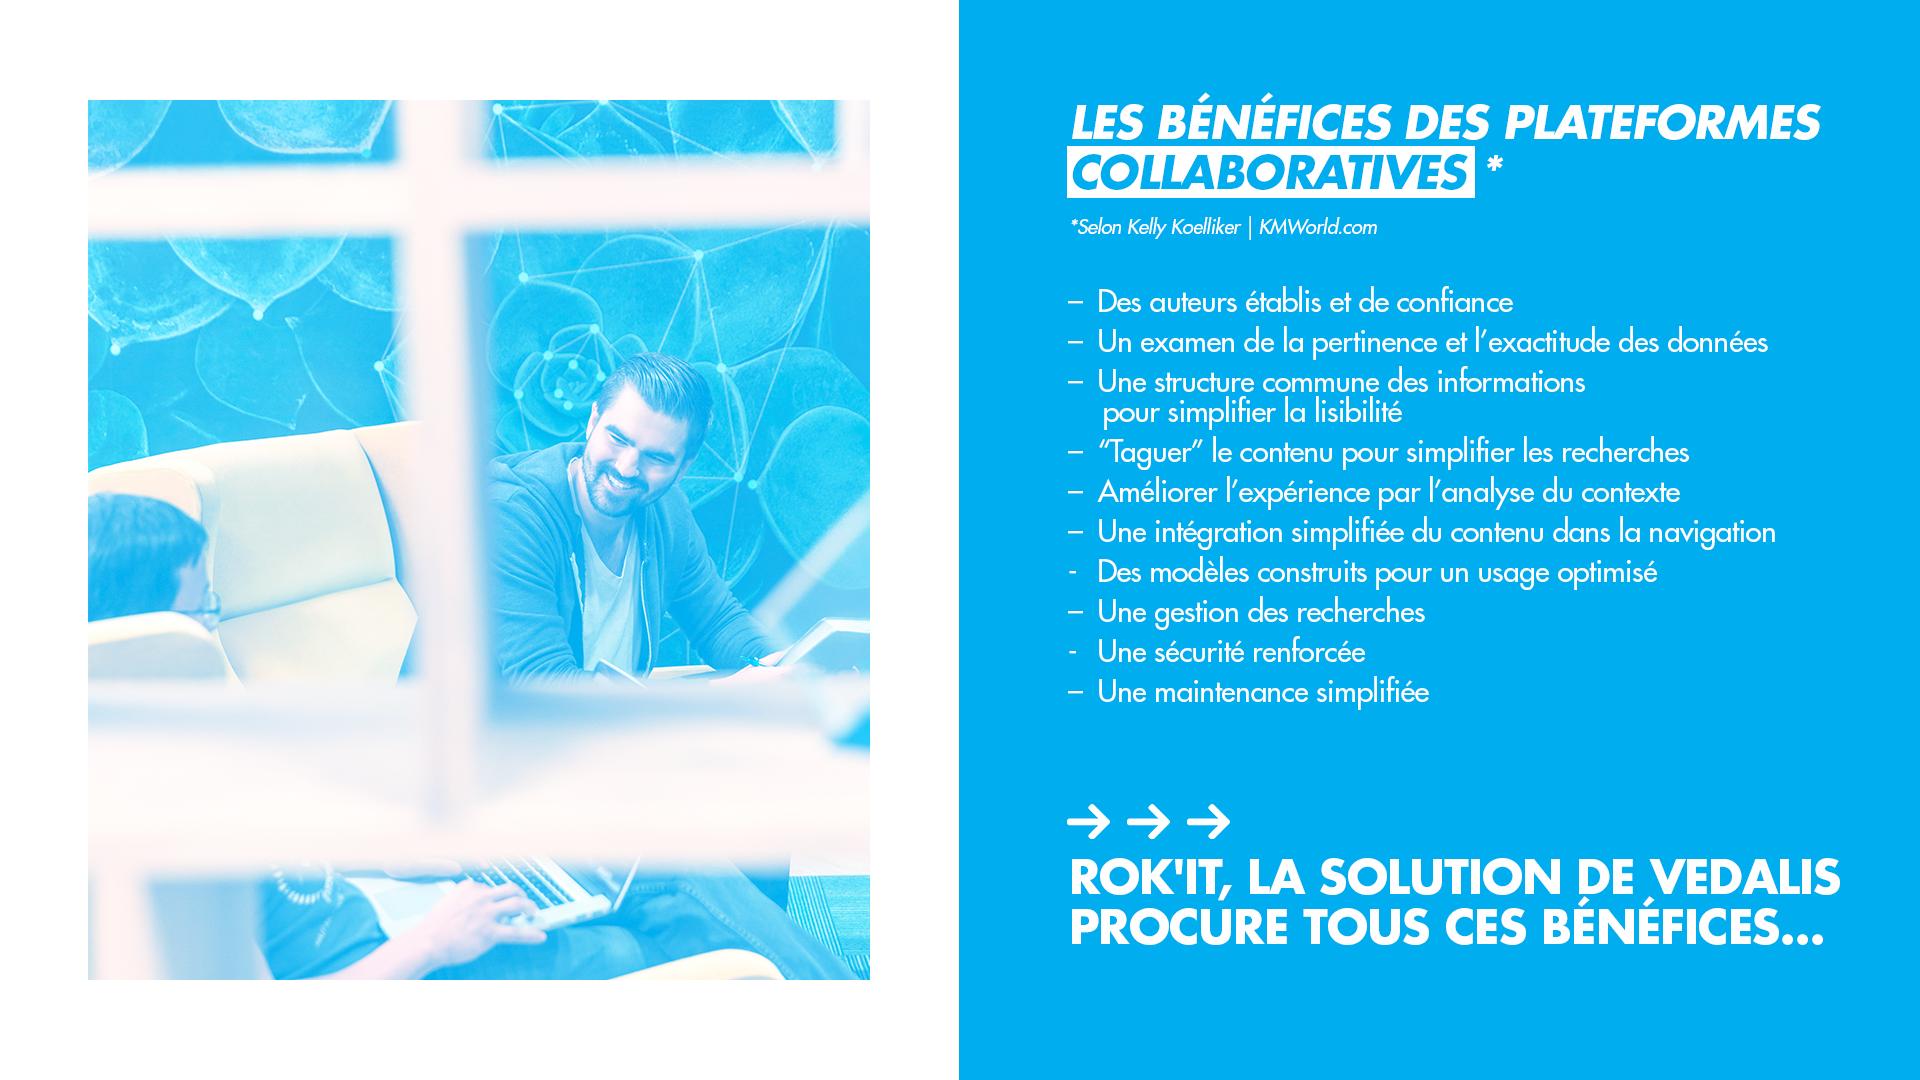 Avantages de plateformes collaboratives au sein des organisations